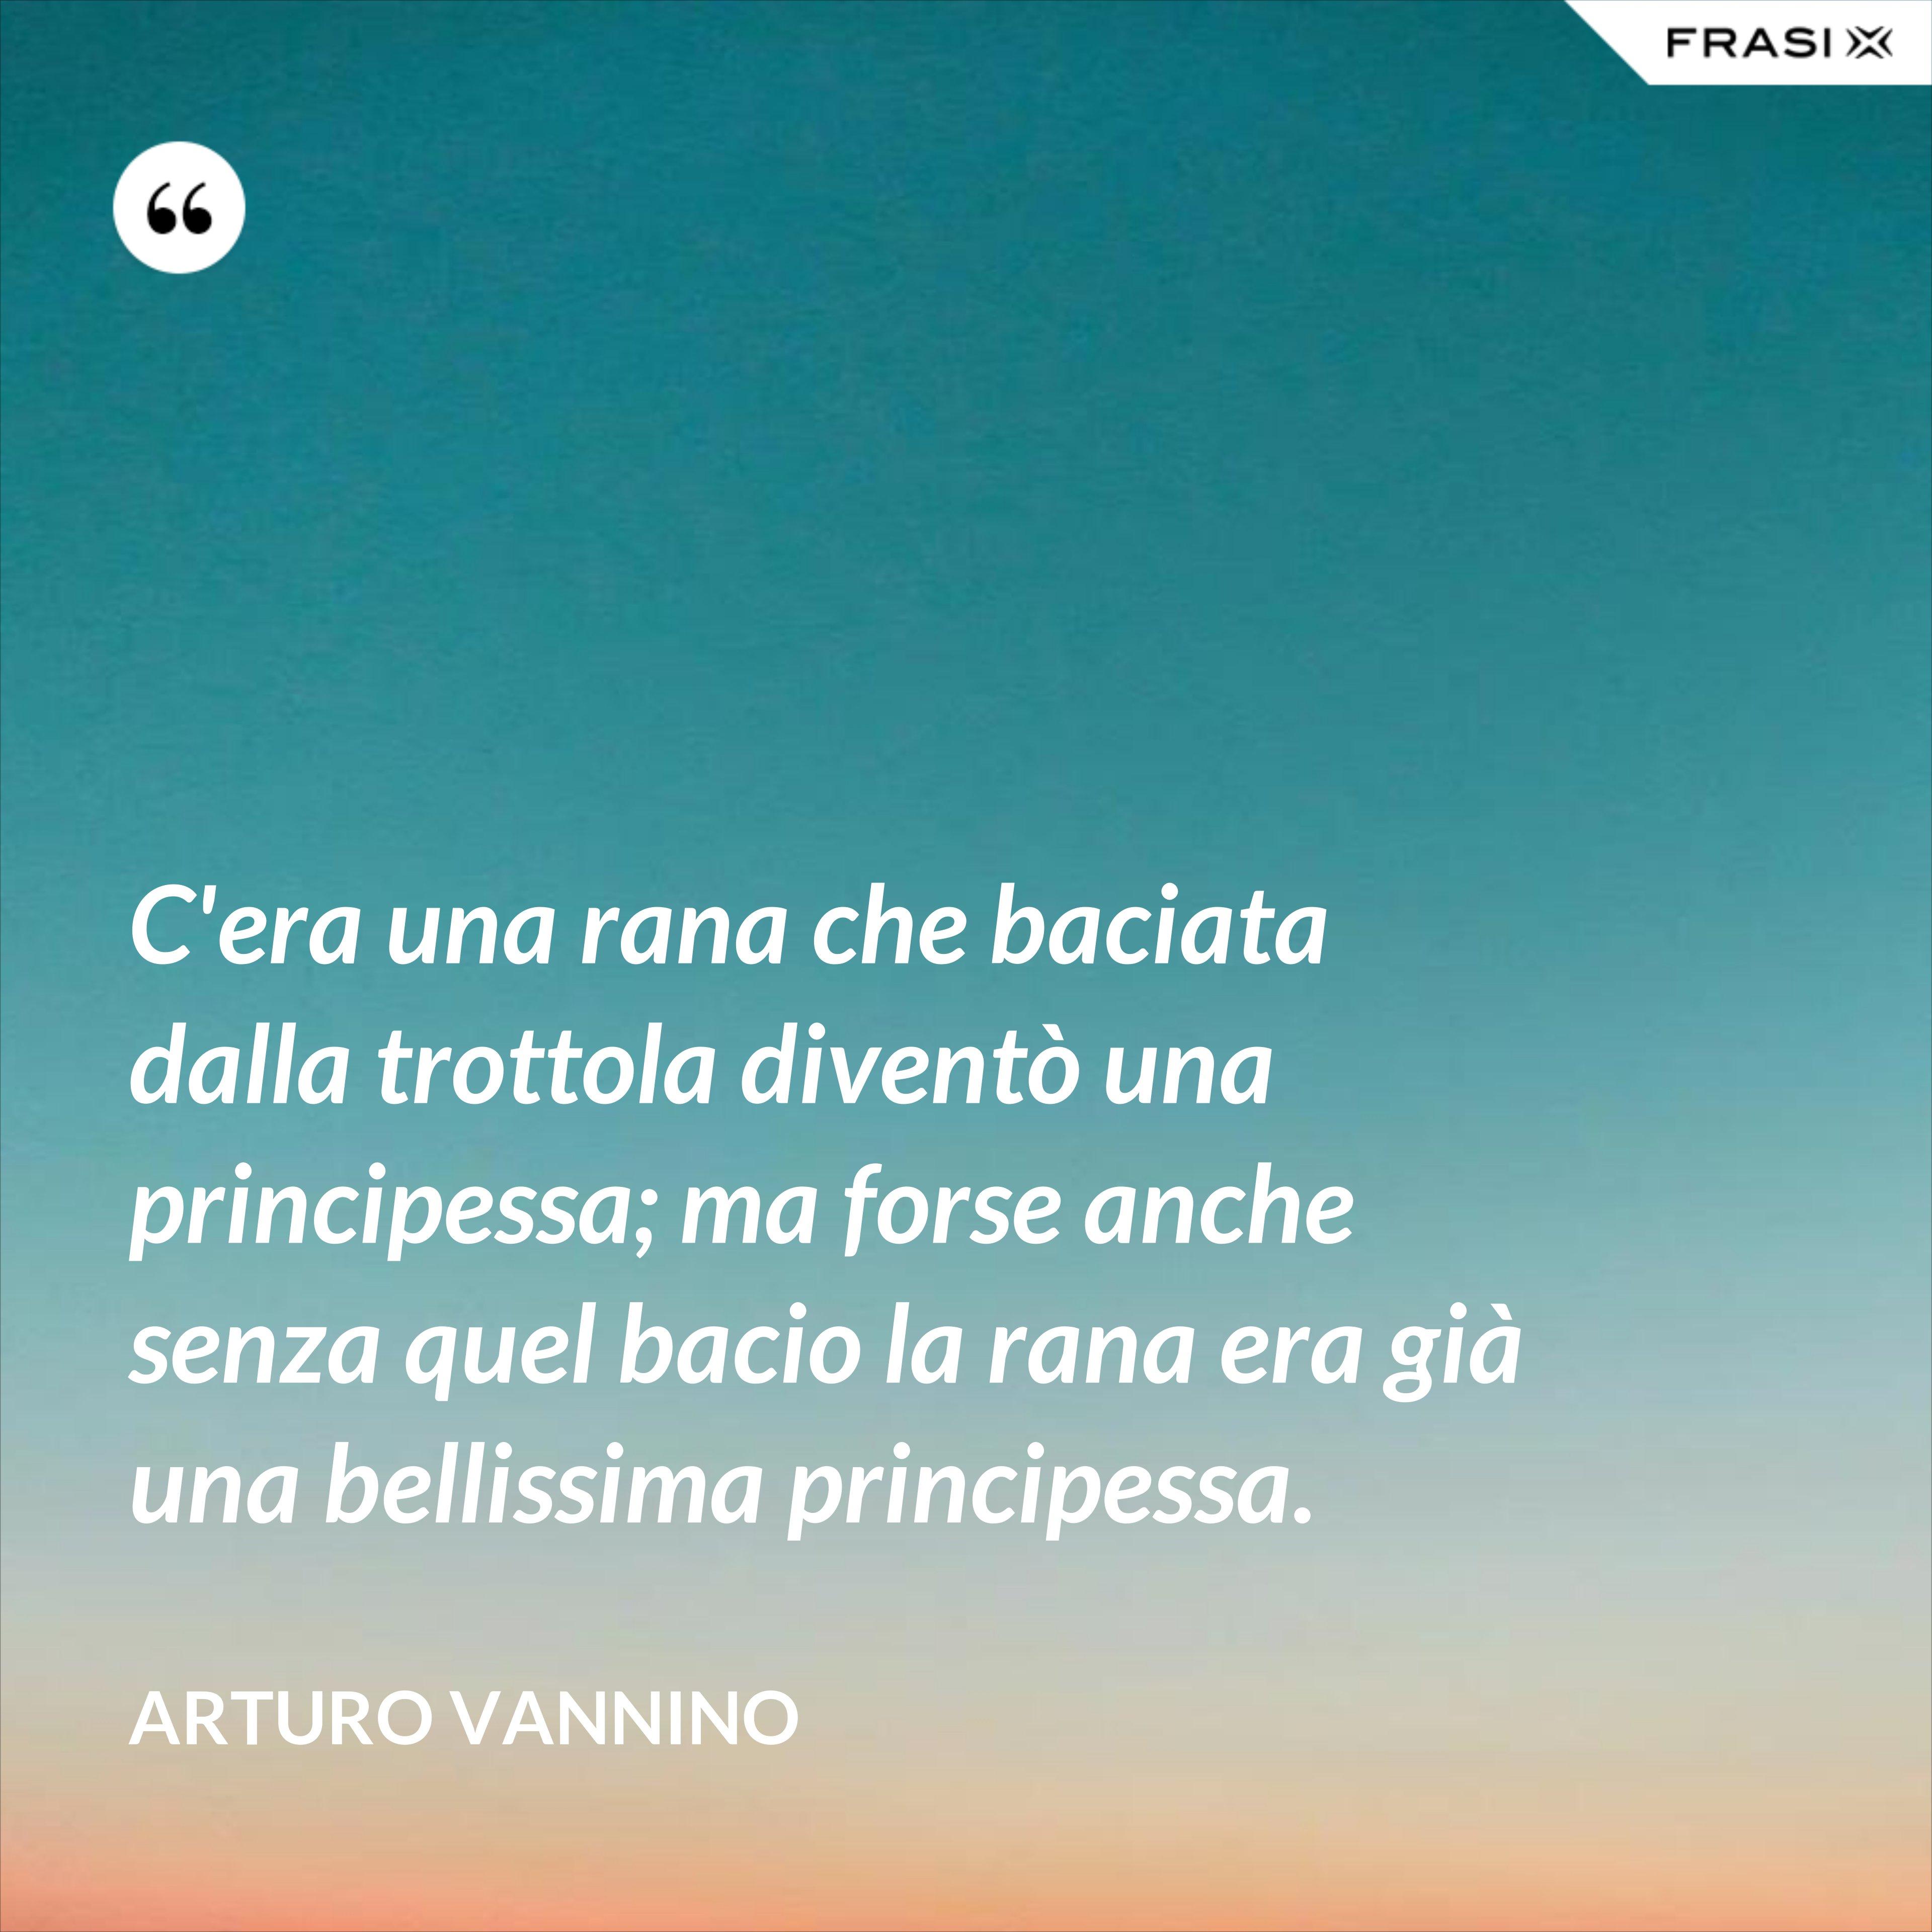 C'era una rana che baciata dalla trottola diventò una principessa; ma forse anche senza quel bacio la rana era già una bellissima principessa. - Arturo Vannino